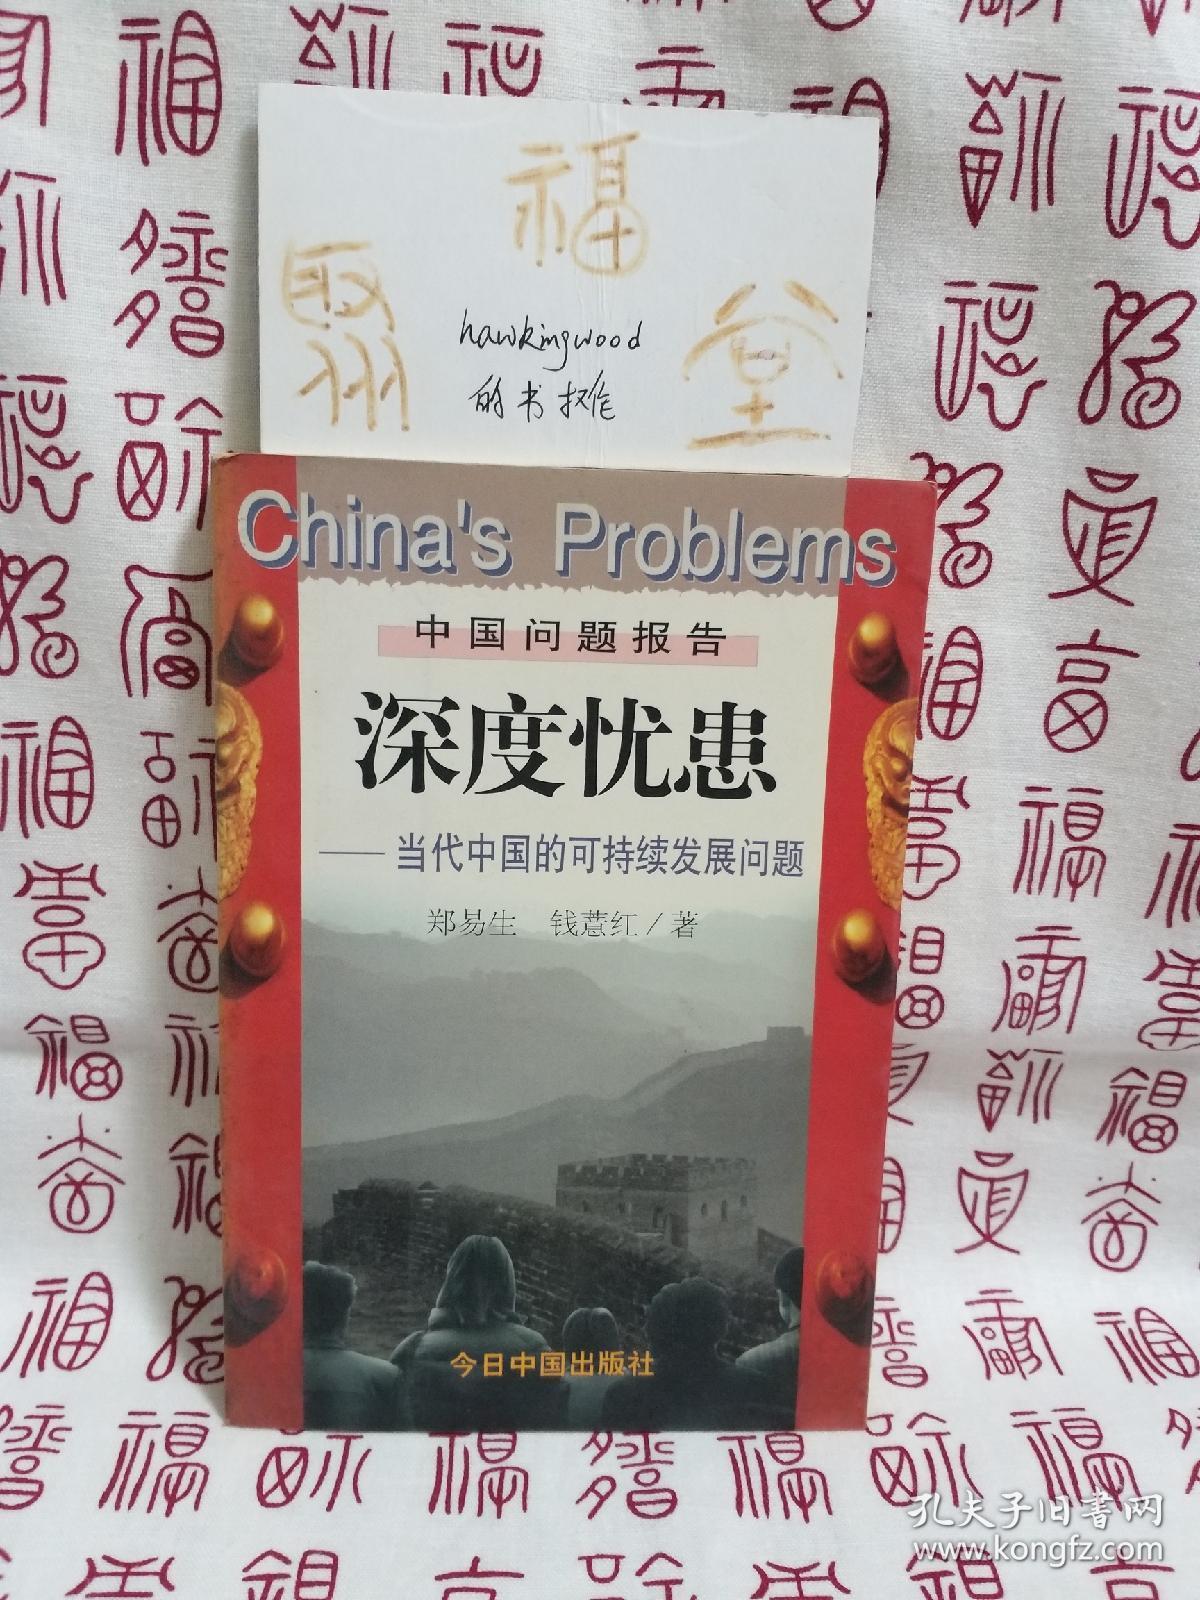 深度忧患:当代中国的可持续发展问题